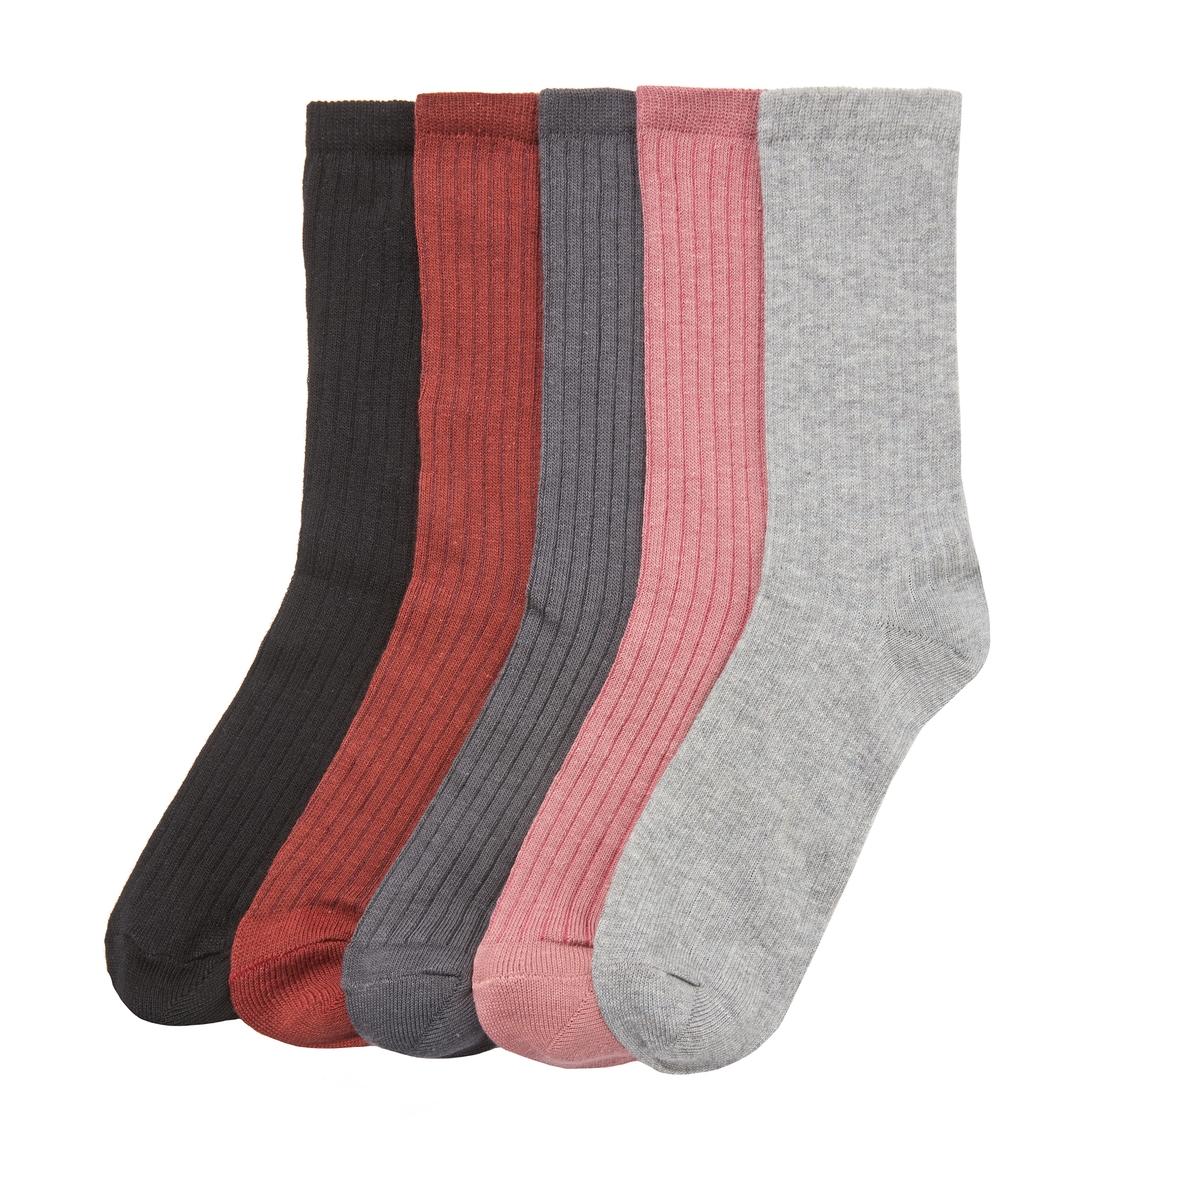 Комплект из пар носков La Redoute В рубчик - 23/26 серый комплект из пар носков la redoute размеры 23 26 черный